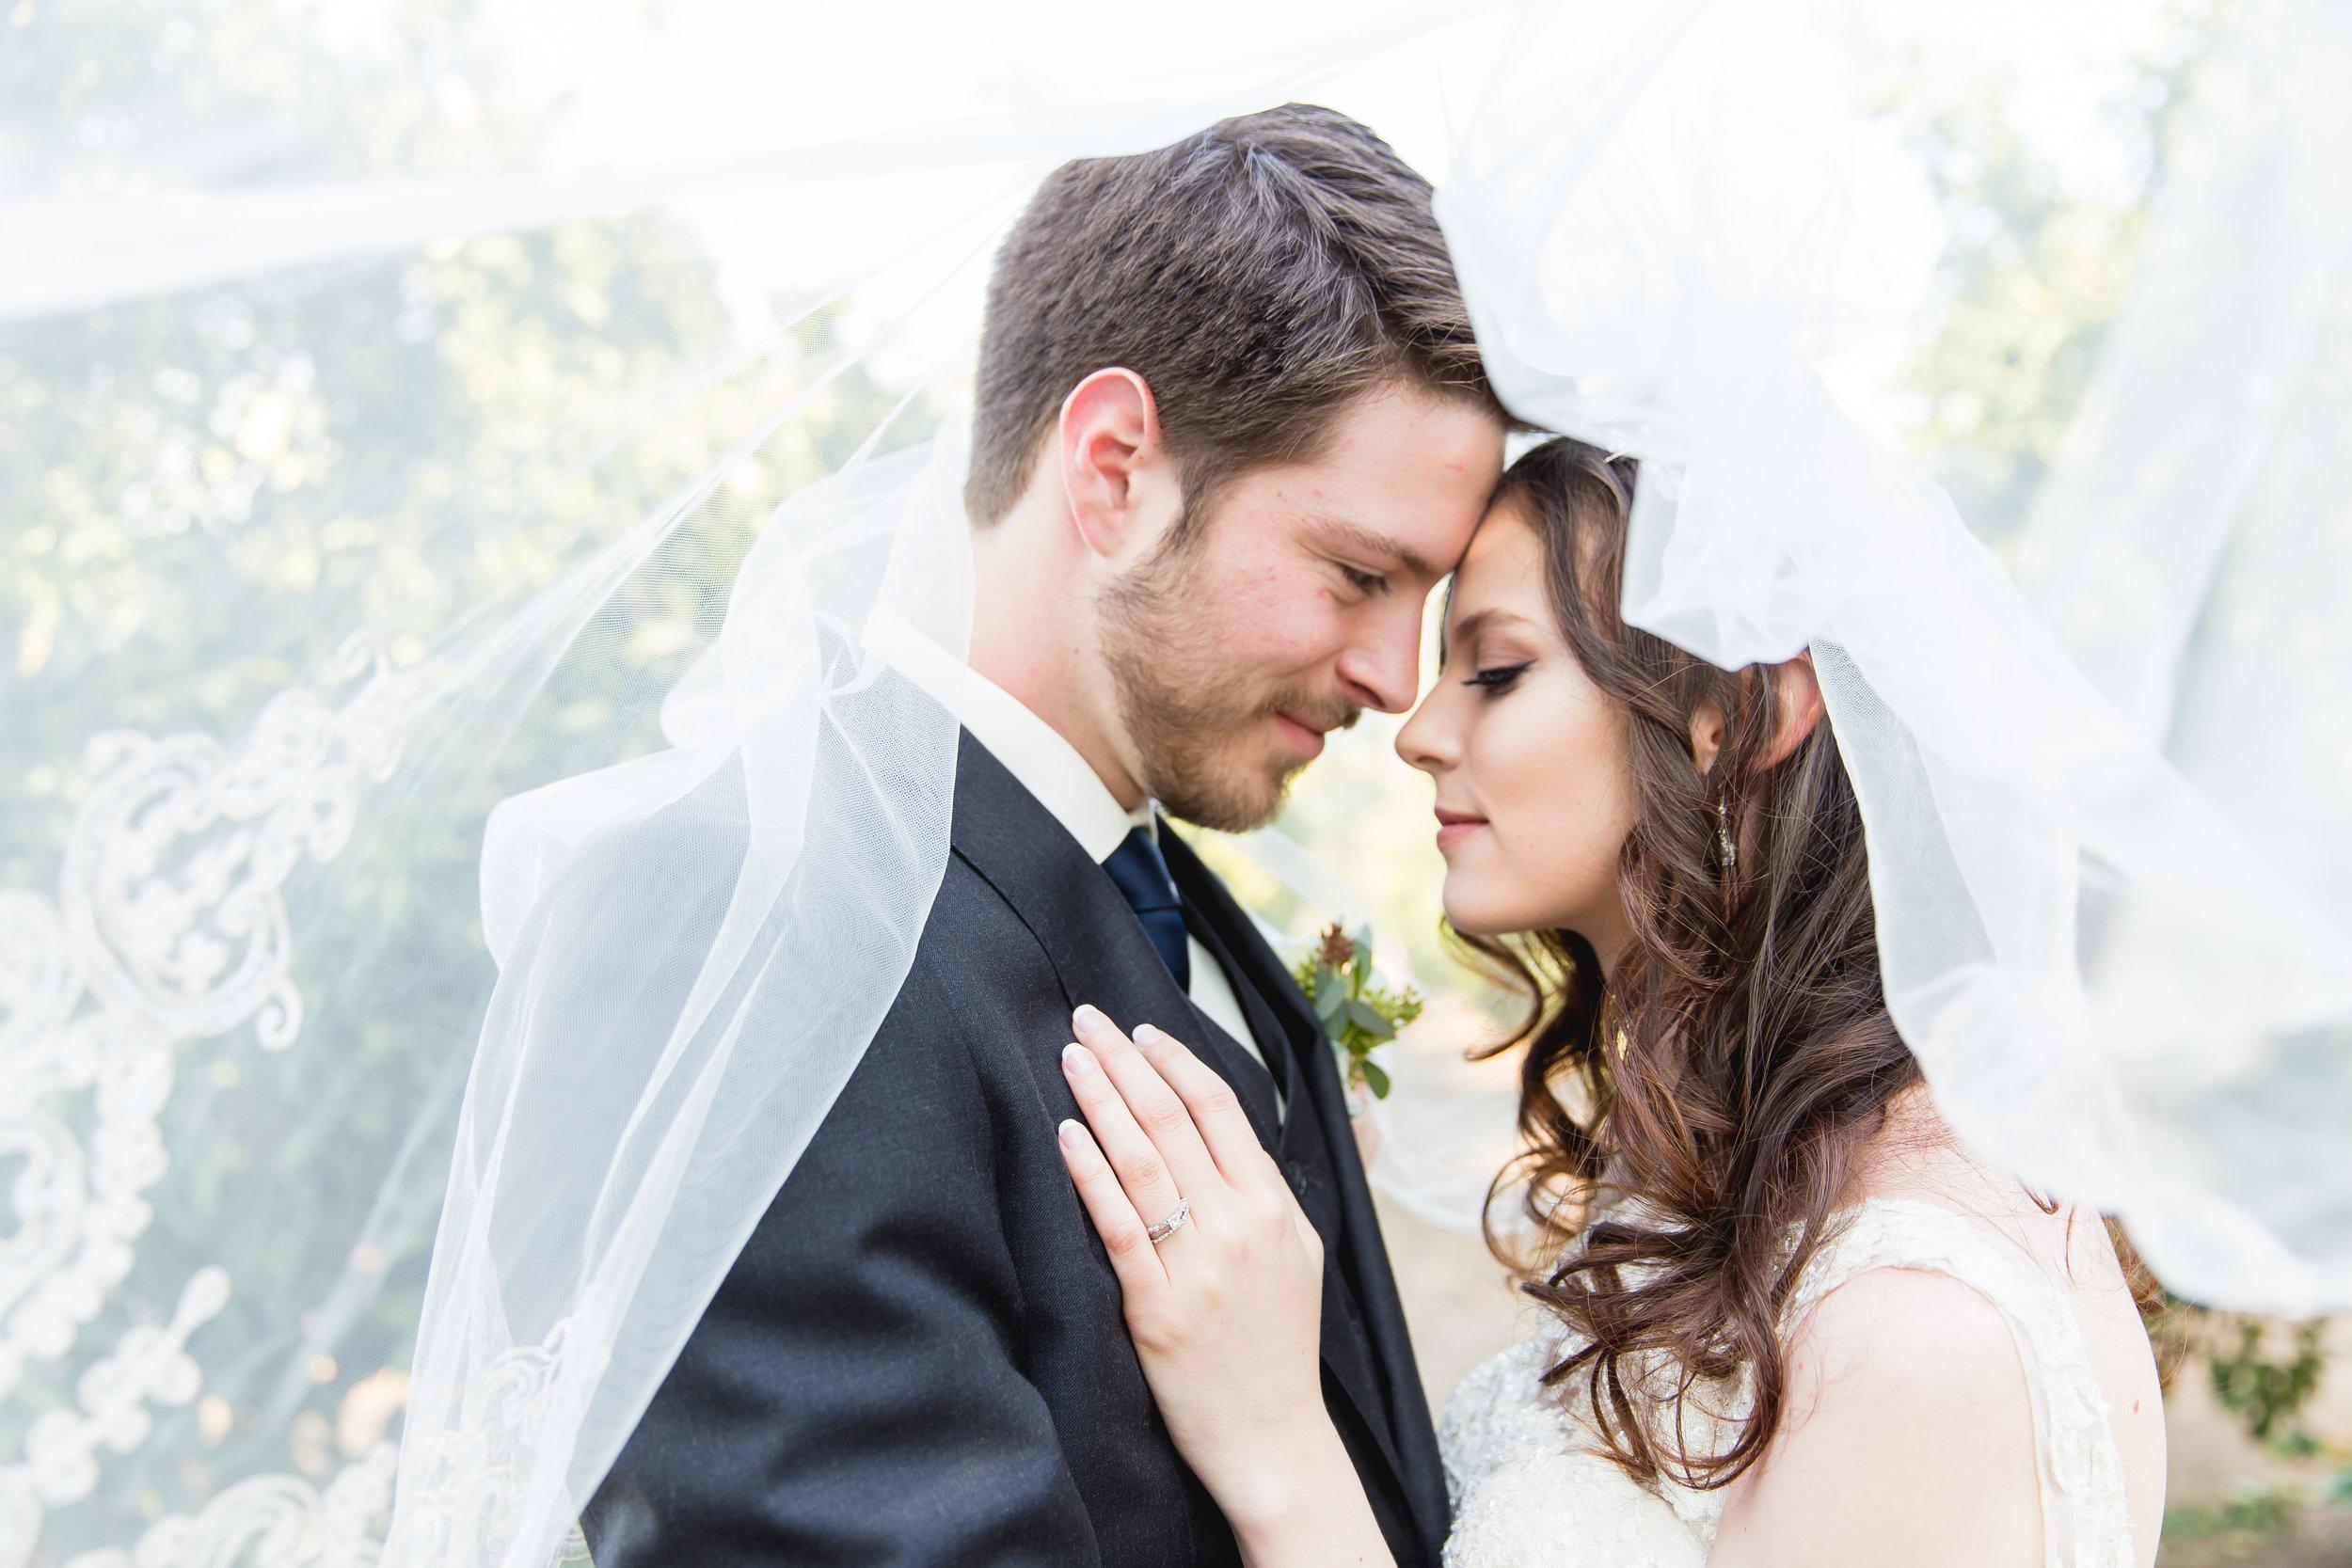 wedding-nicole & Dominique-03222019 (27 of 33).jpg